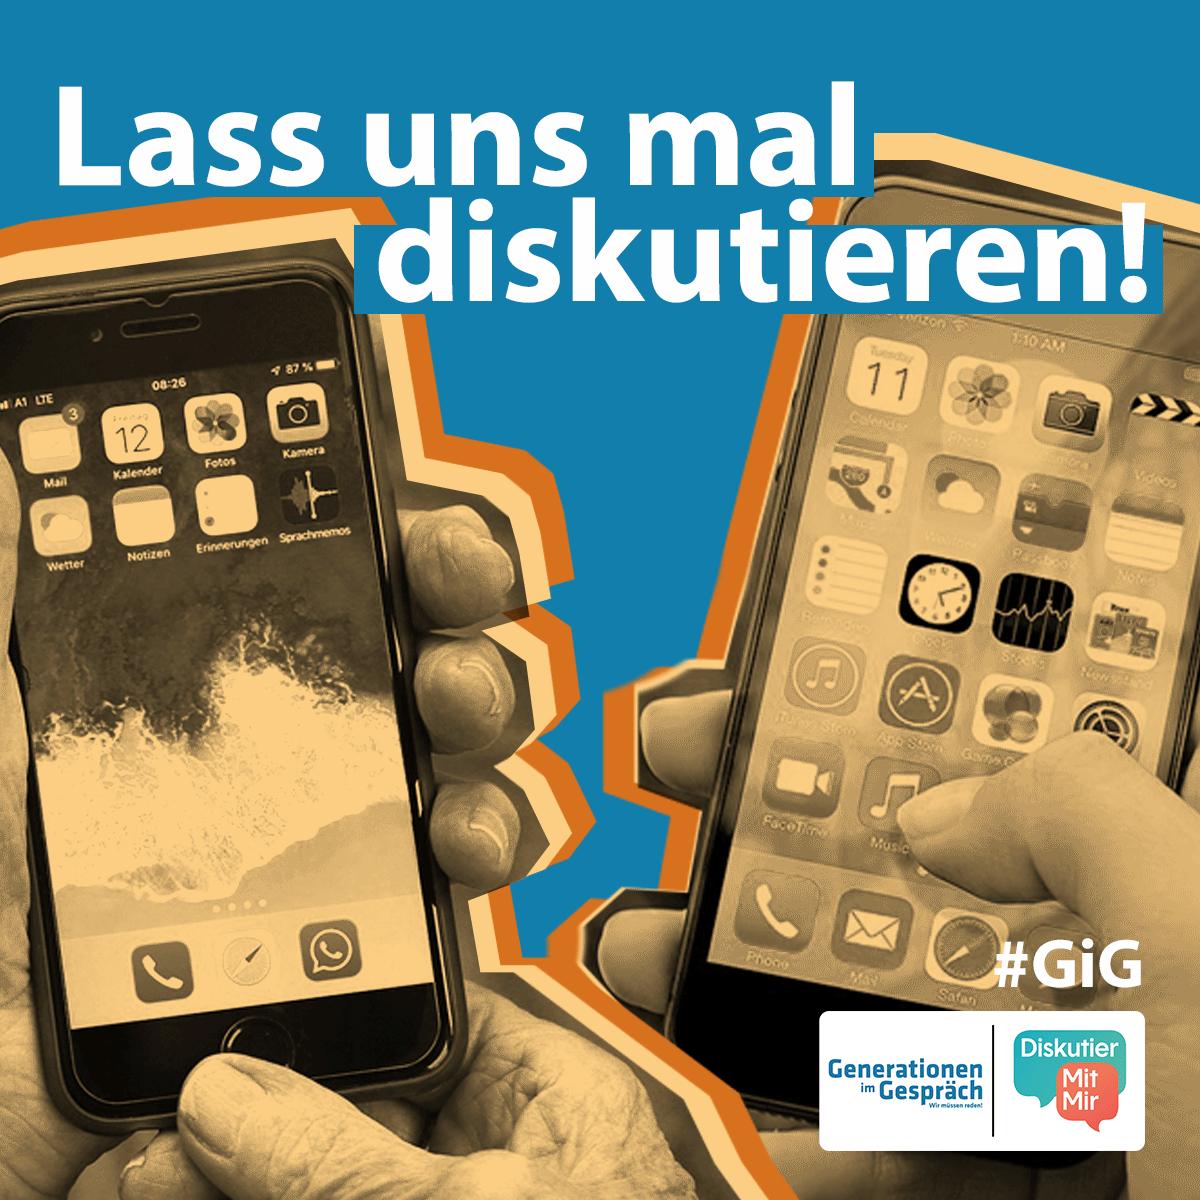 DMM GIG Telefone